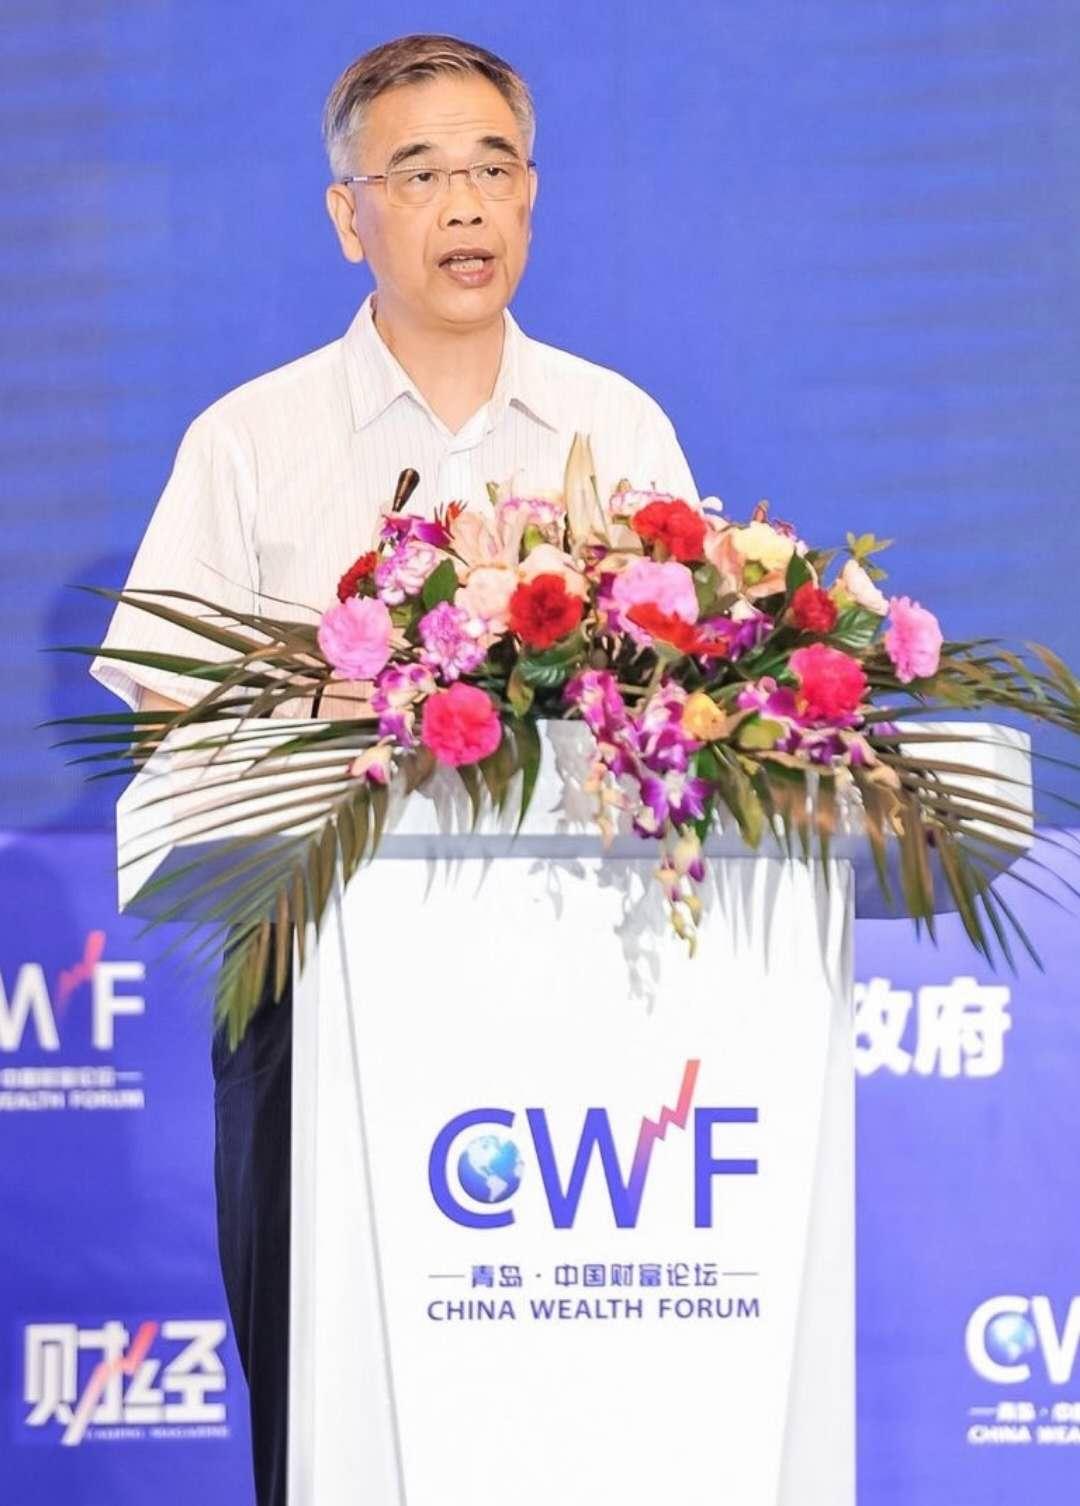 李东荣:金融科技将促使财富管理转向大众的私人订制